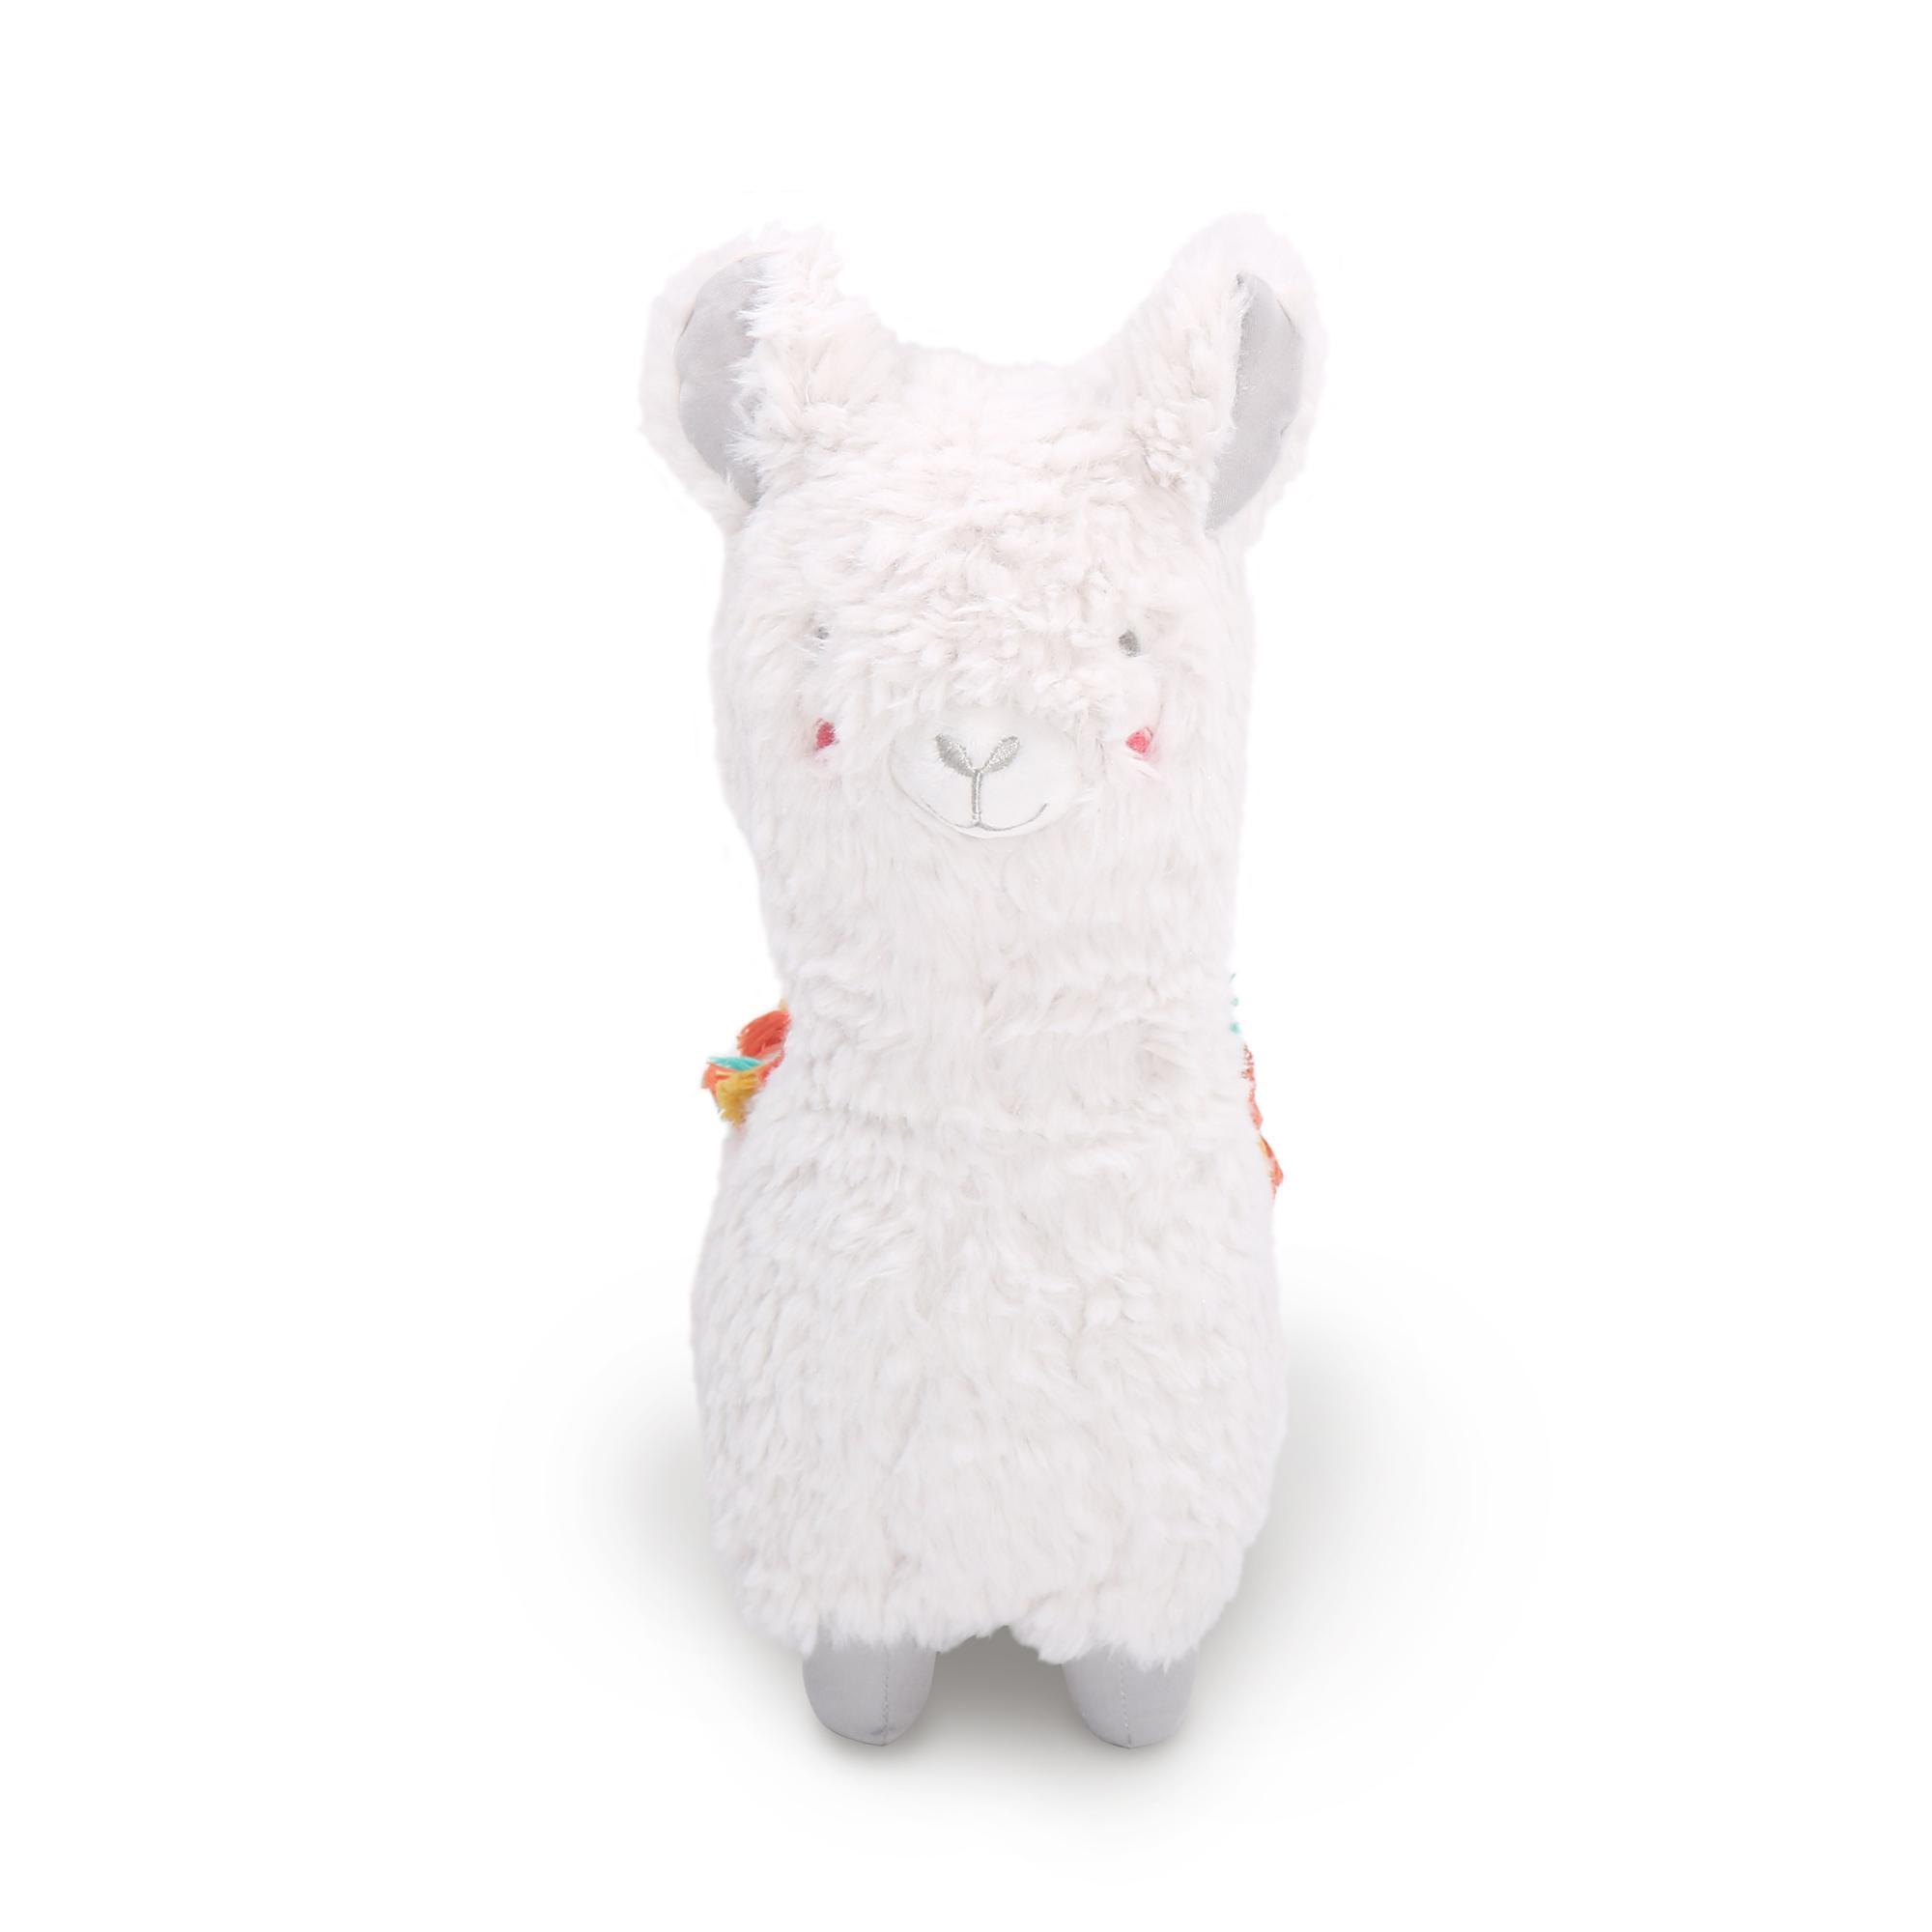 Little Llama Llama Plush Toy